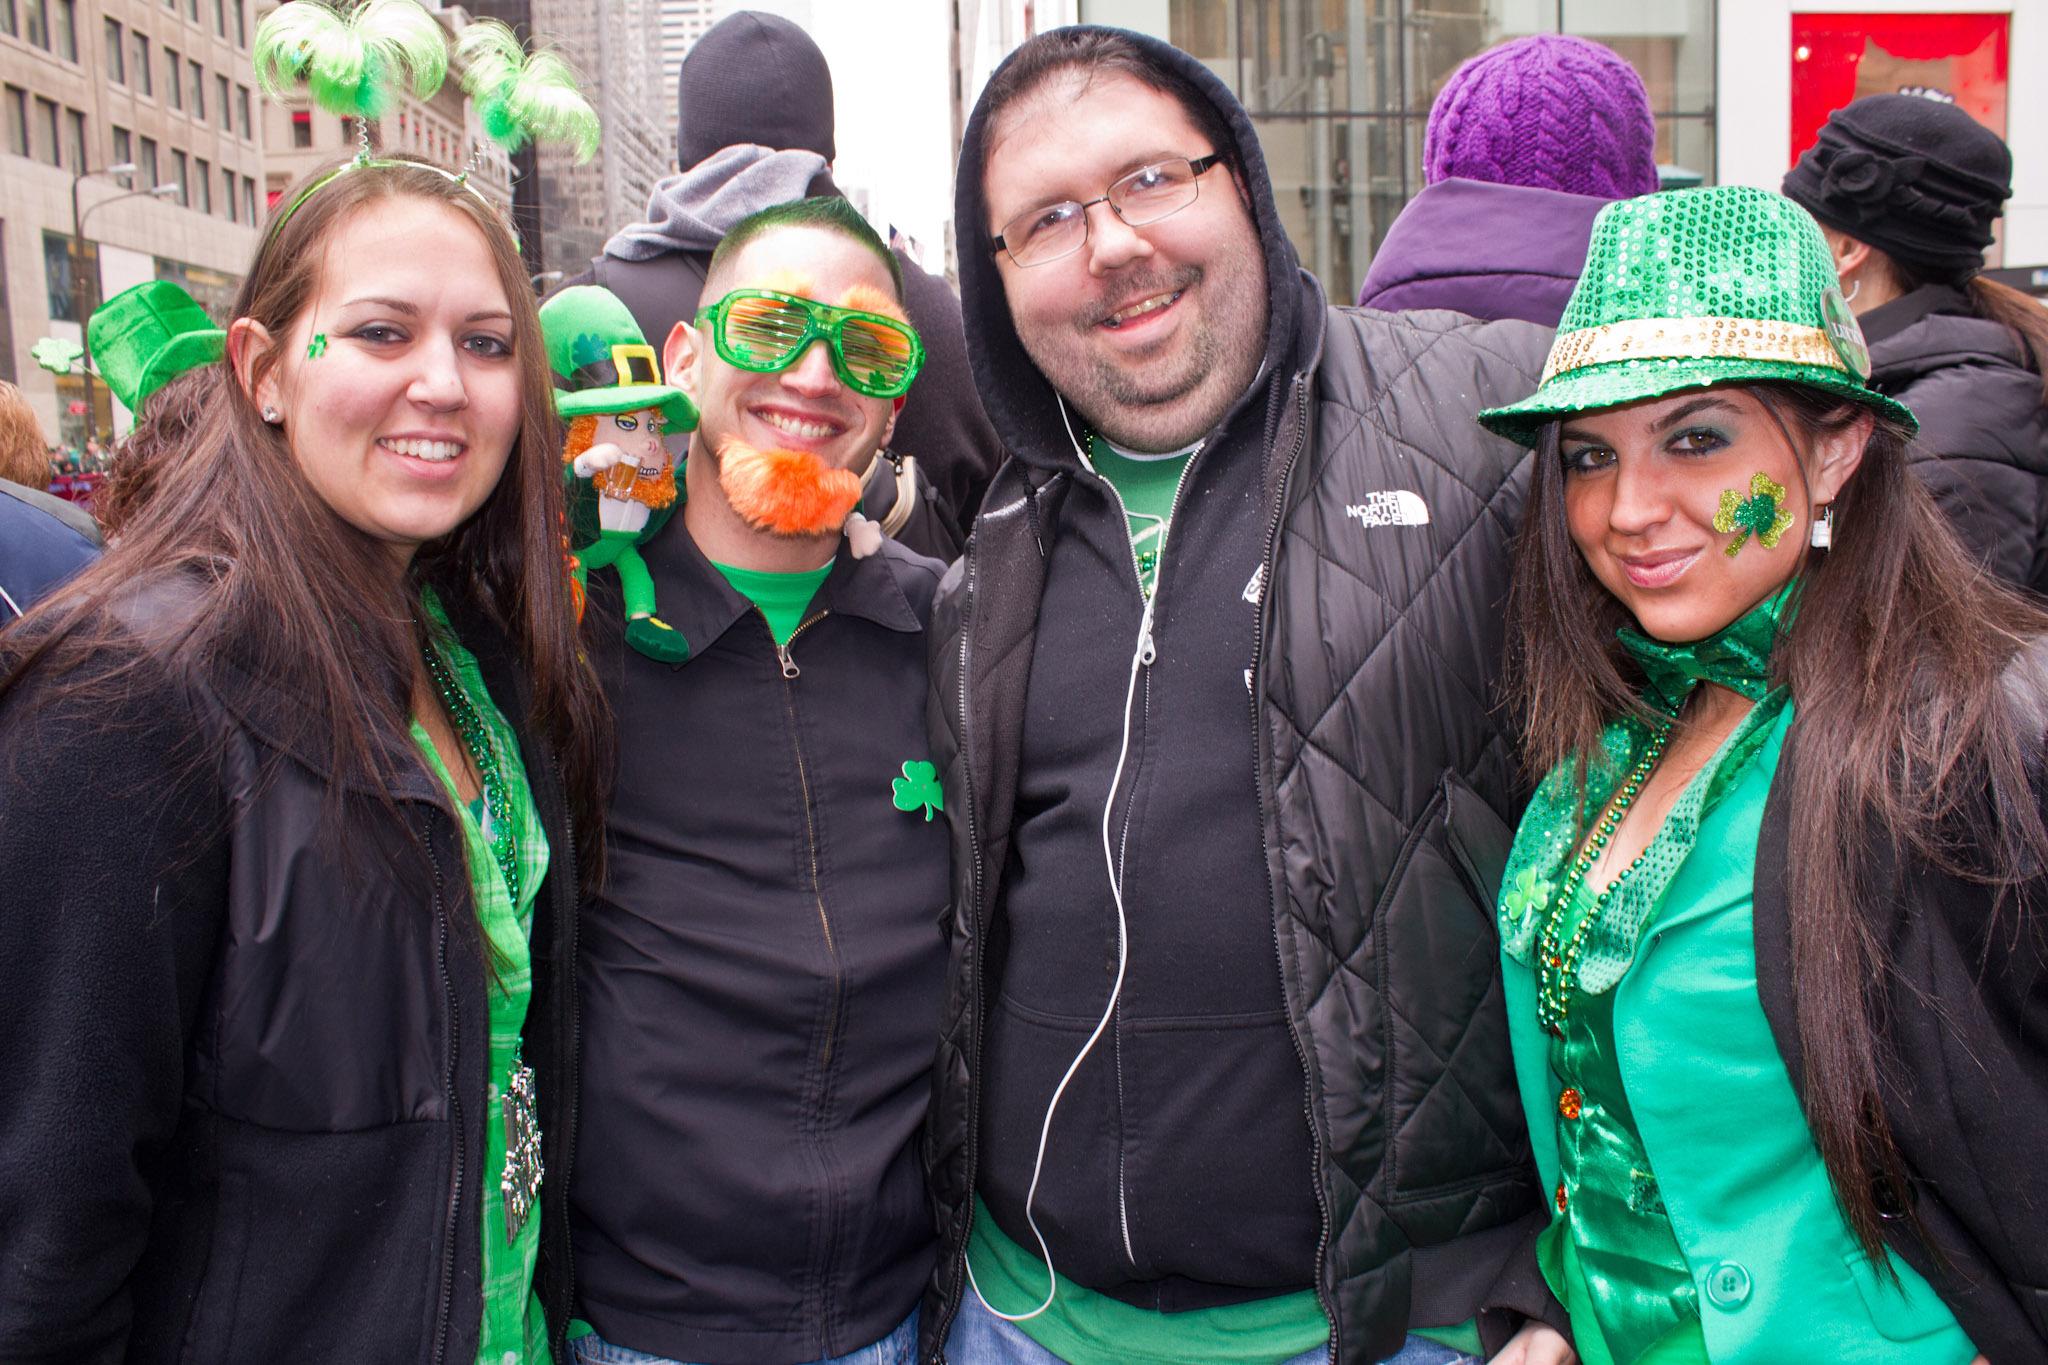 St. Patrick's Day in Irish New York